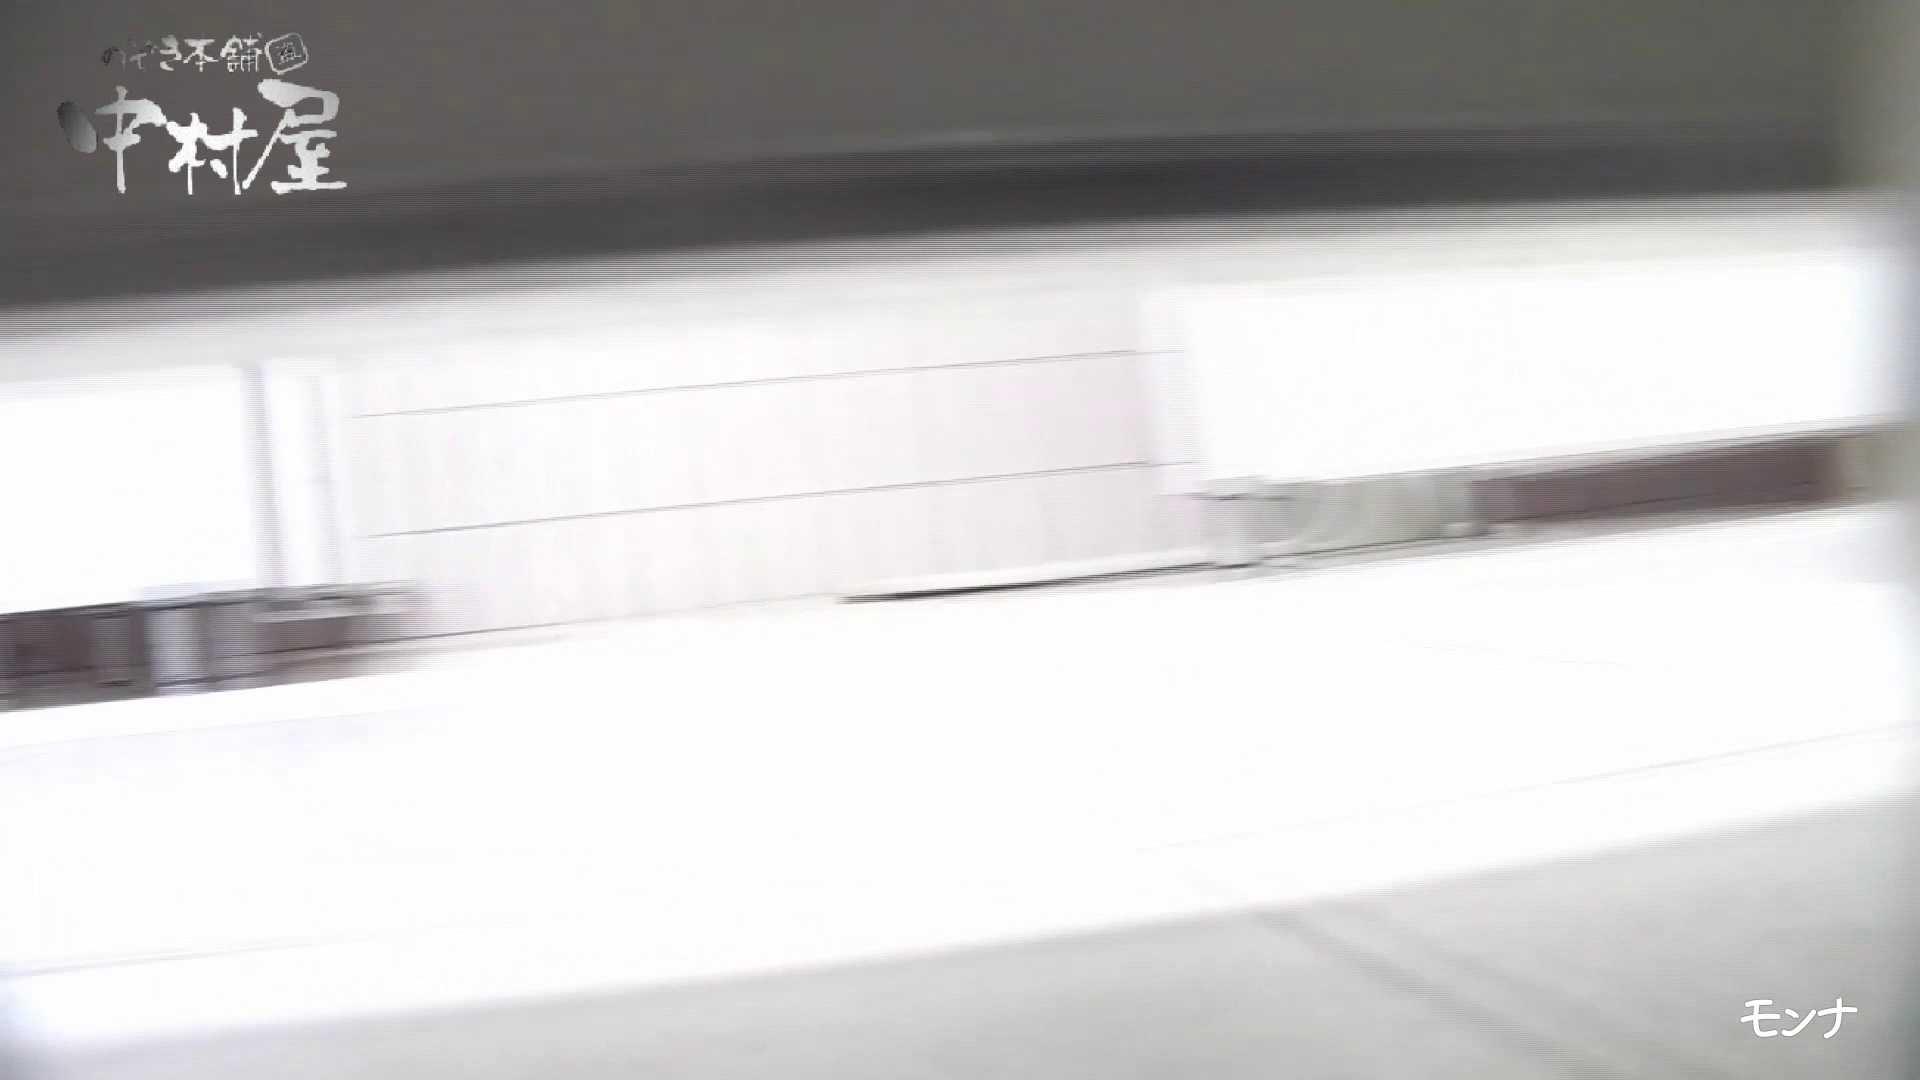 【美しい日本の未来】美しい日本の未来 No.38 久しぶり、復活しようかなあ?^^ by モンナ おまんこ特別編 | 超エロギャル  83枚 1